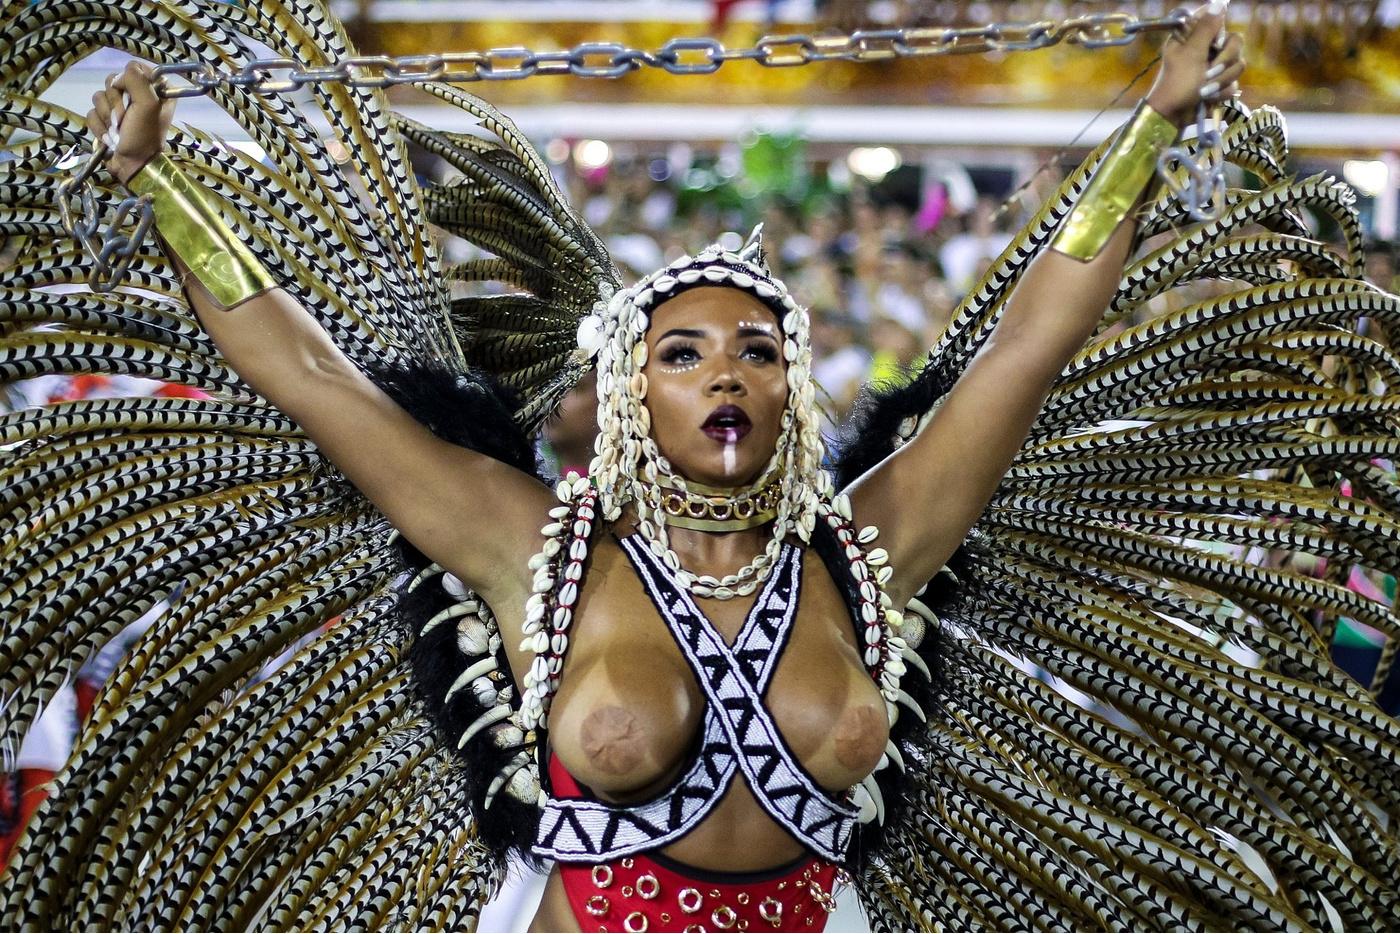 горячие красотки с бразильских карнавалов тут